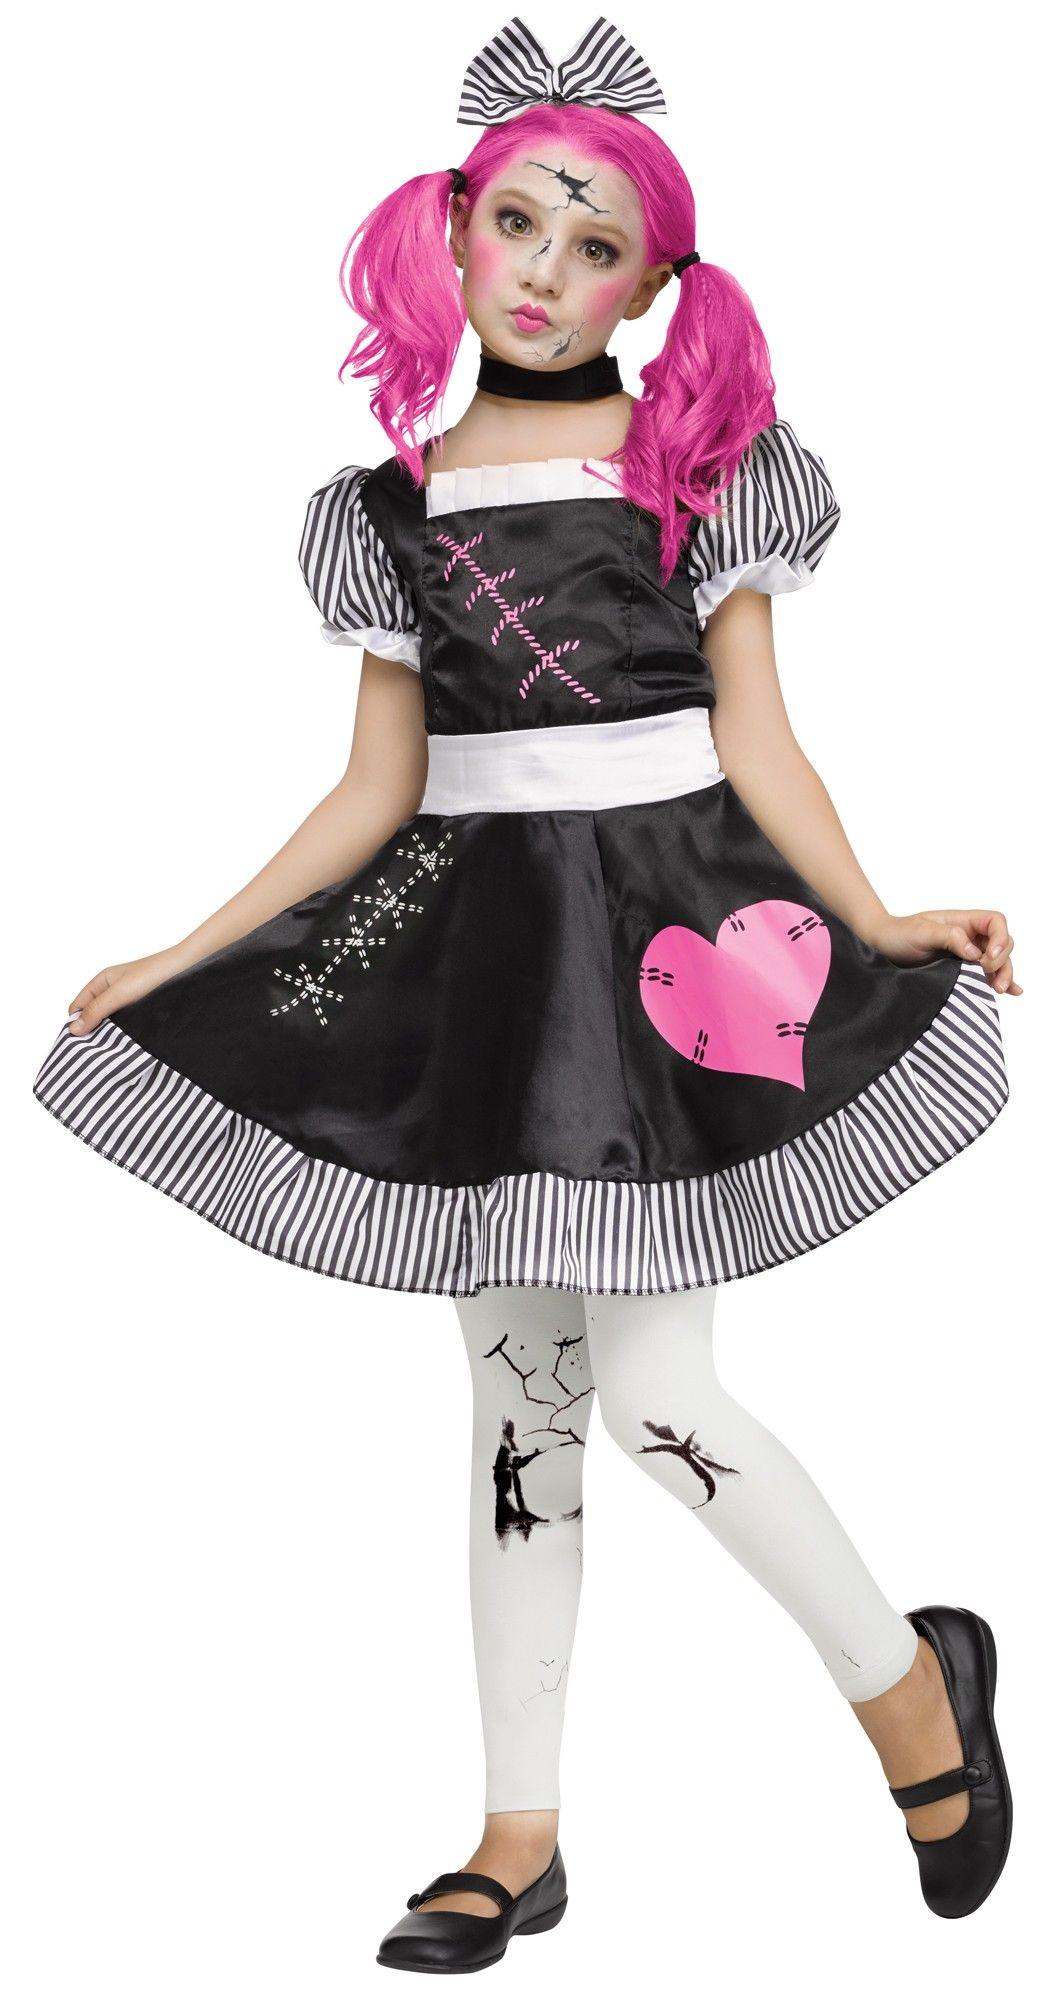 broken doll teen girls costume includes: dress, choker, hair bow